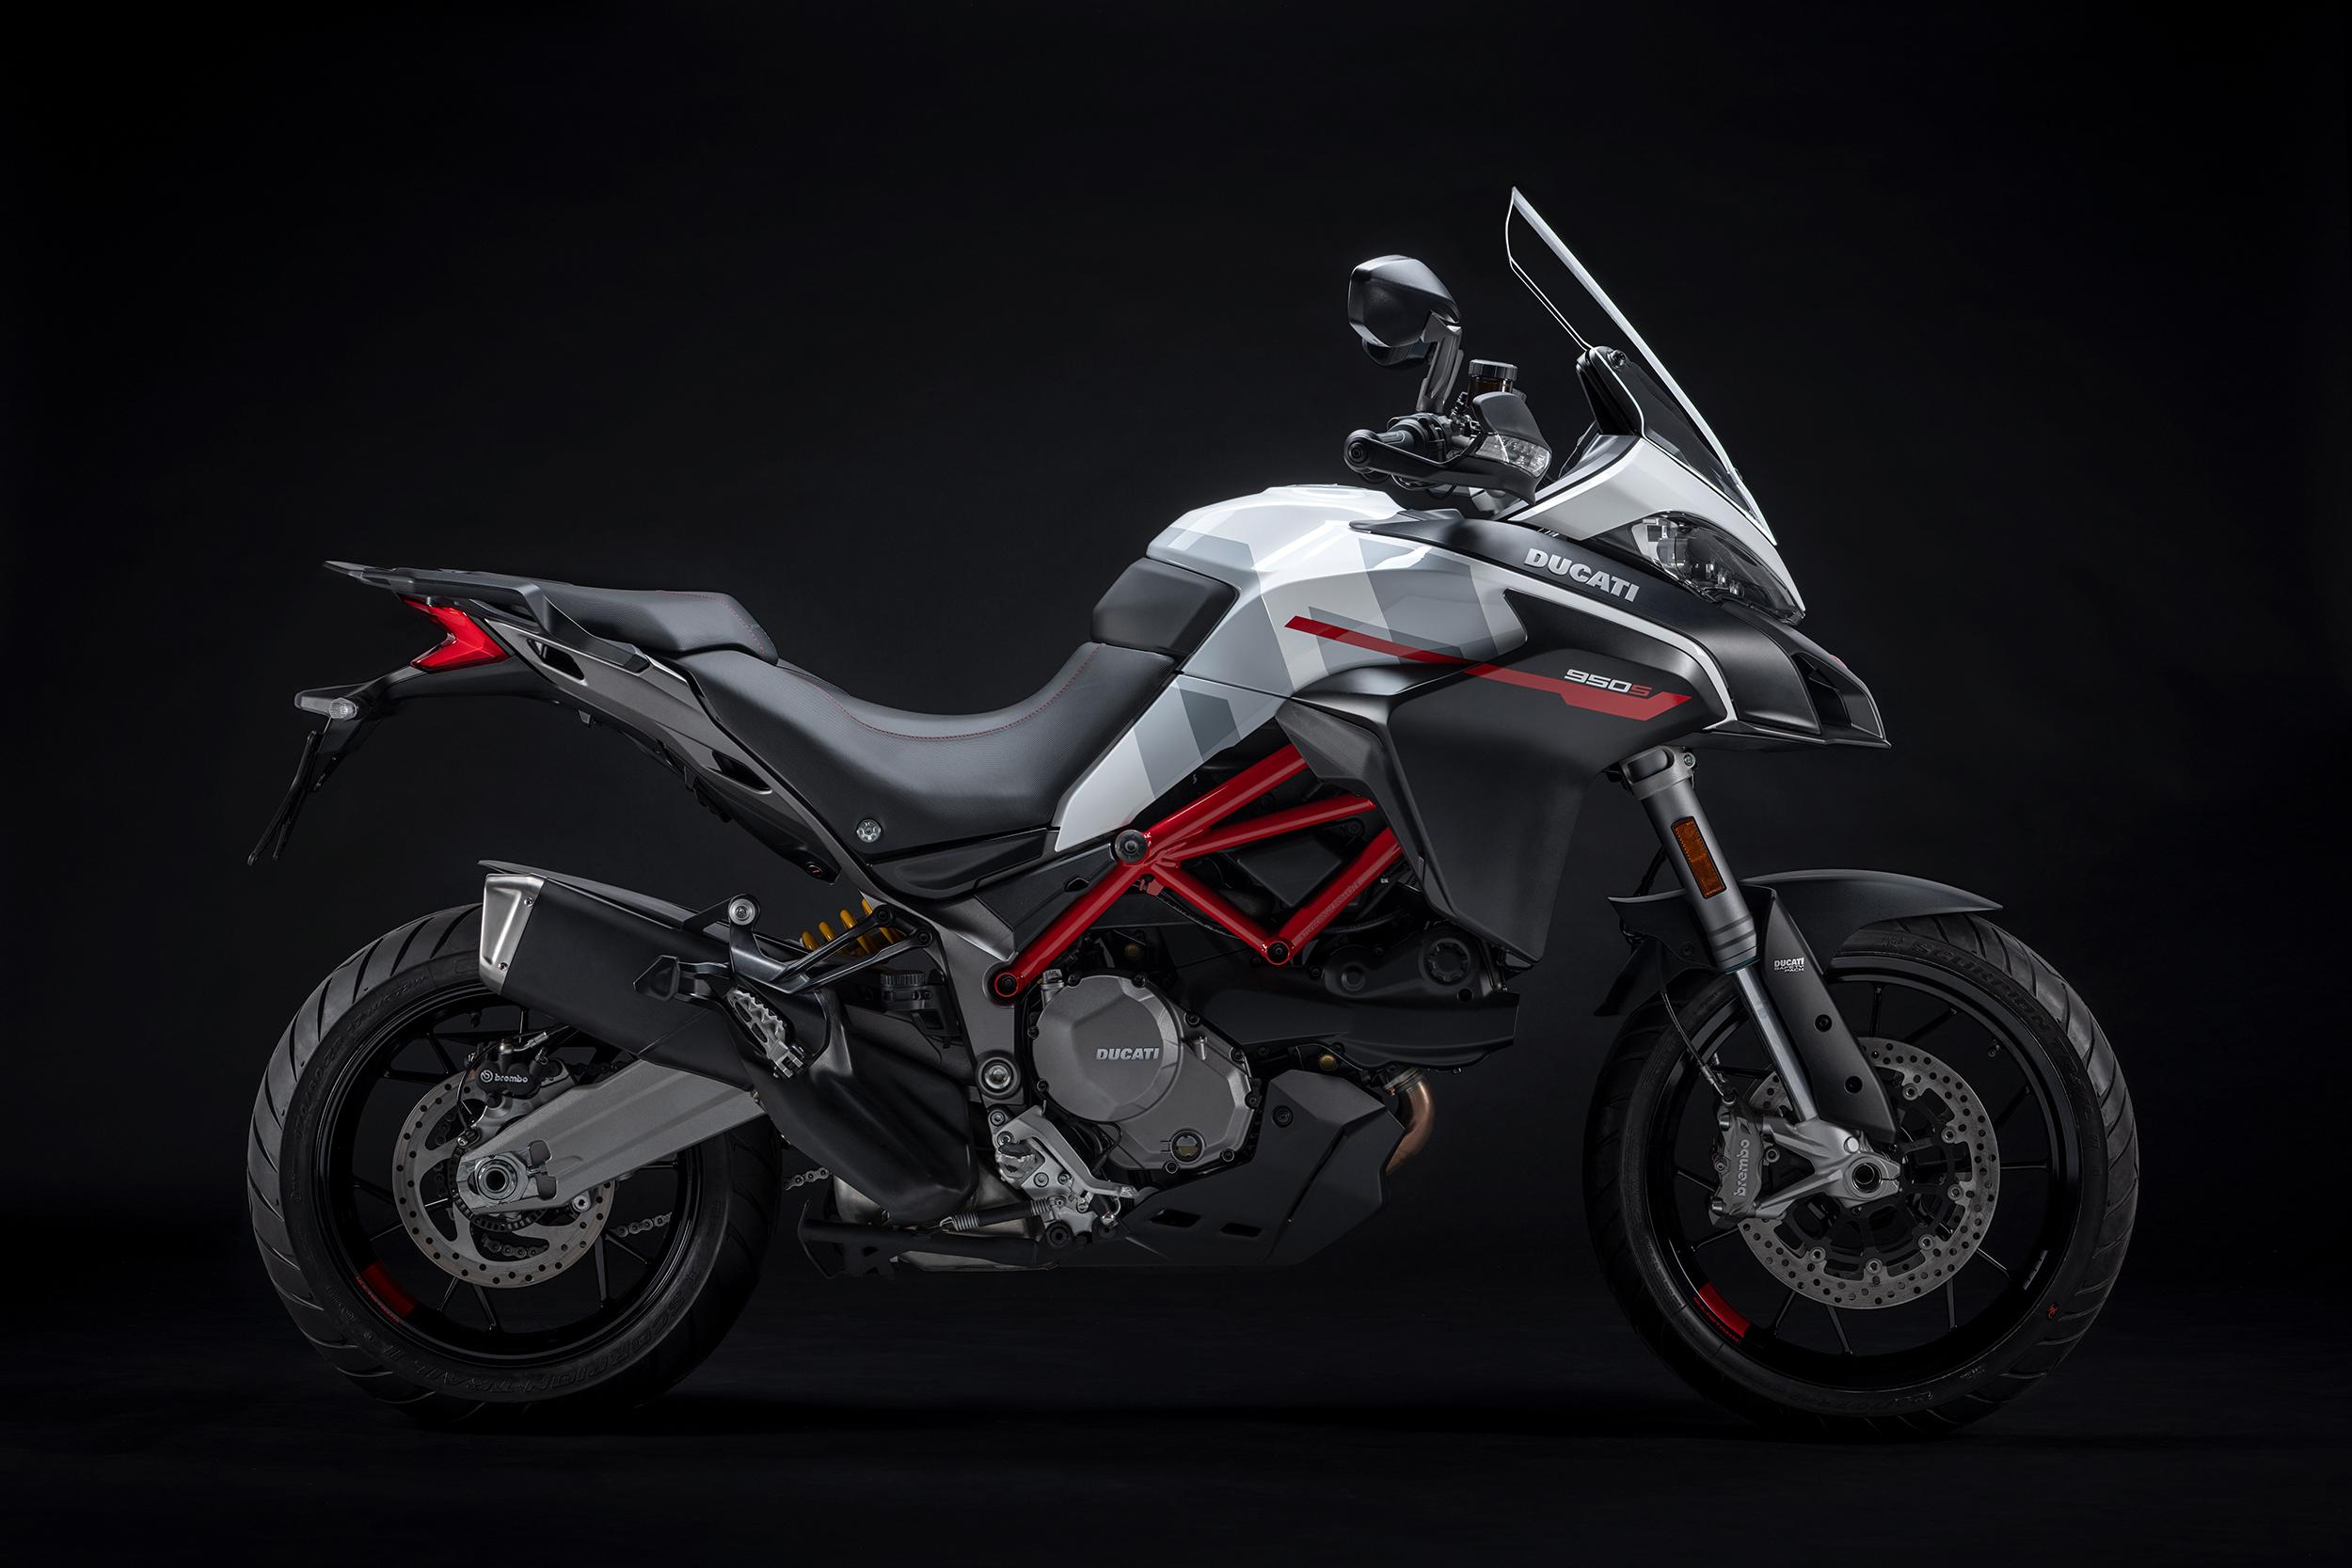 2021 Ducati Multistrada 950 S (1)